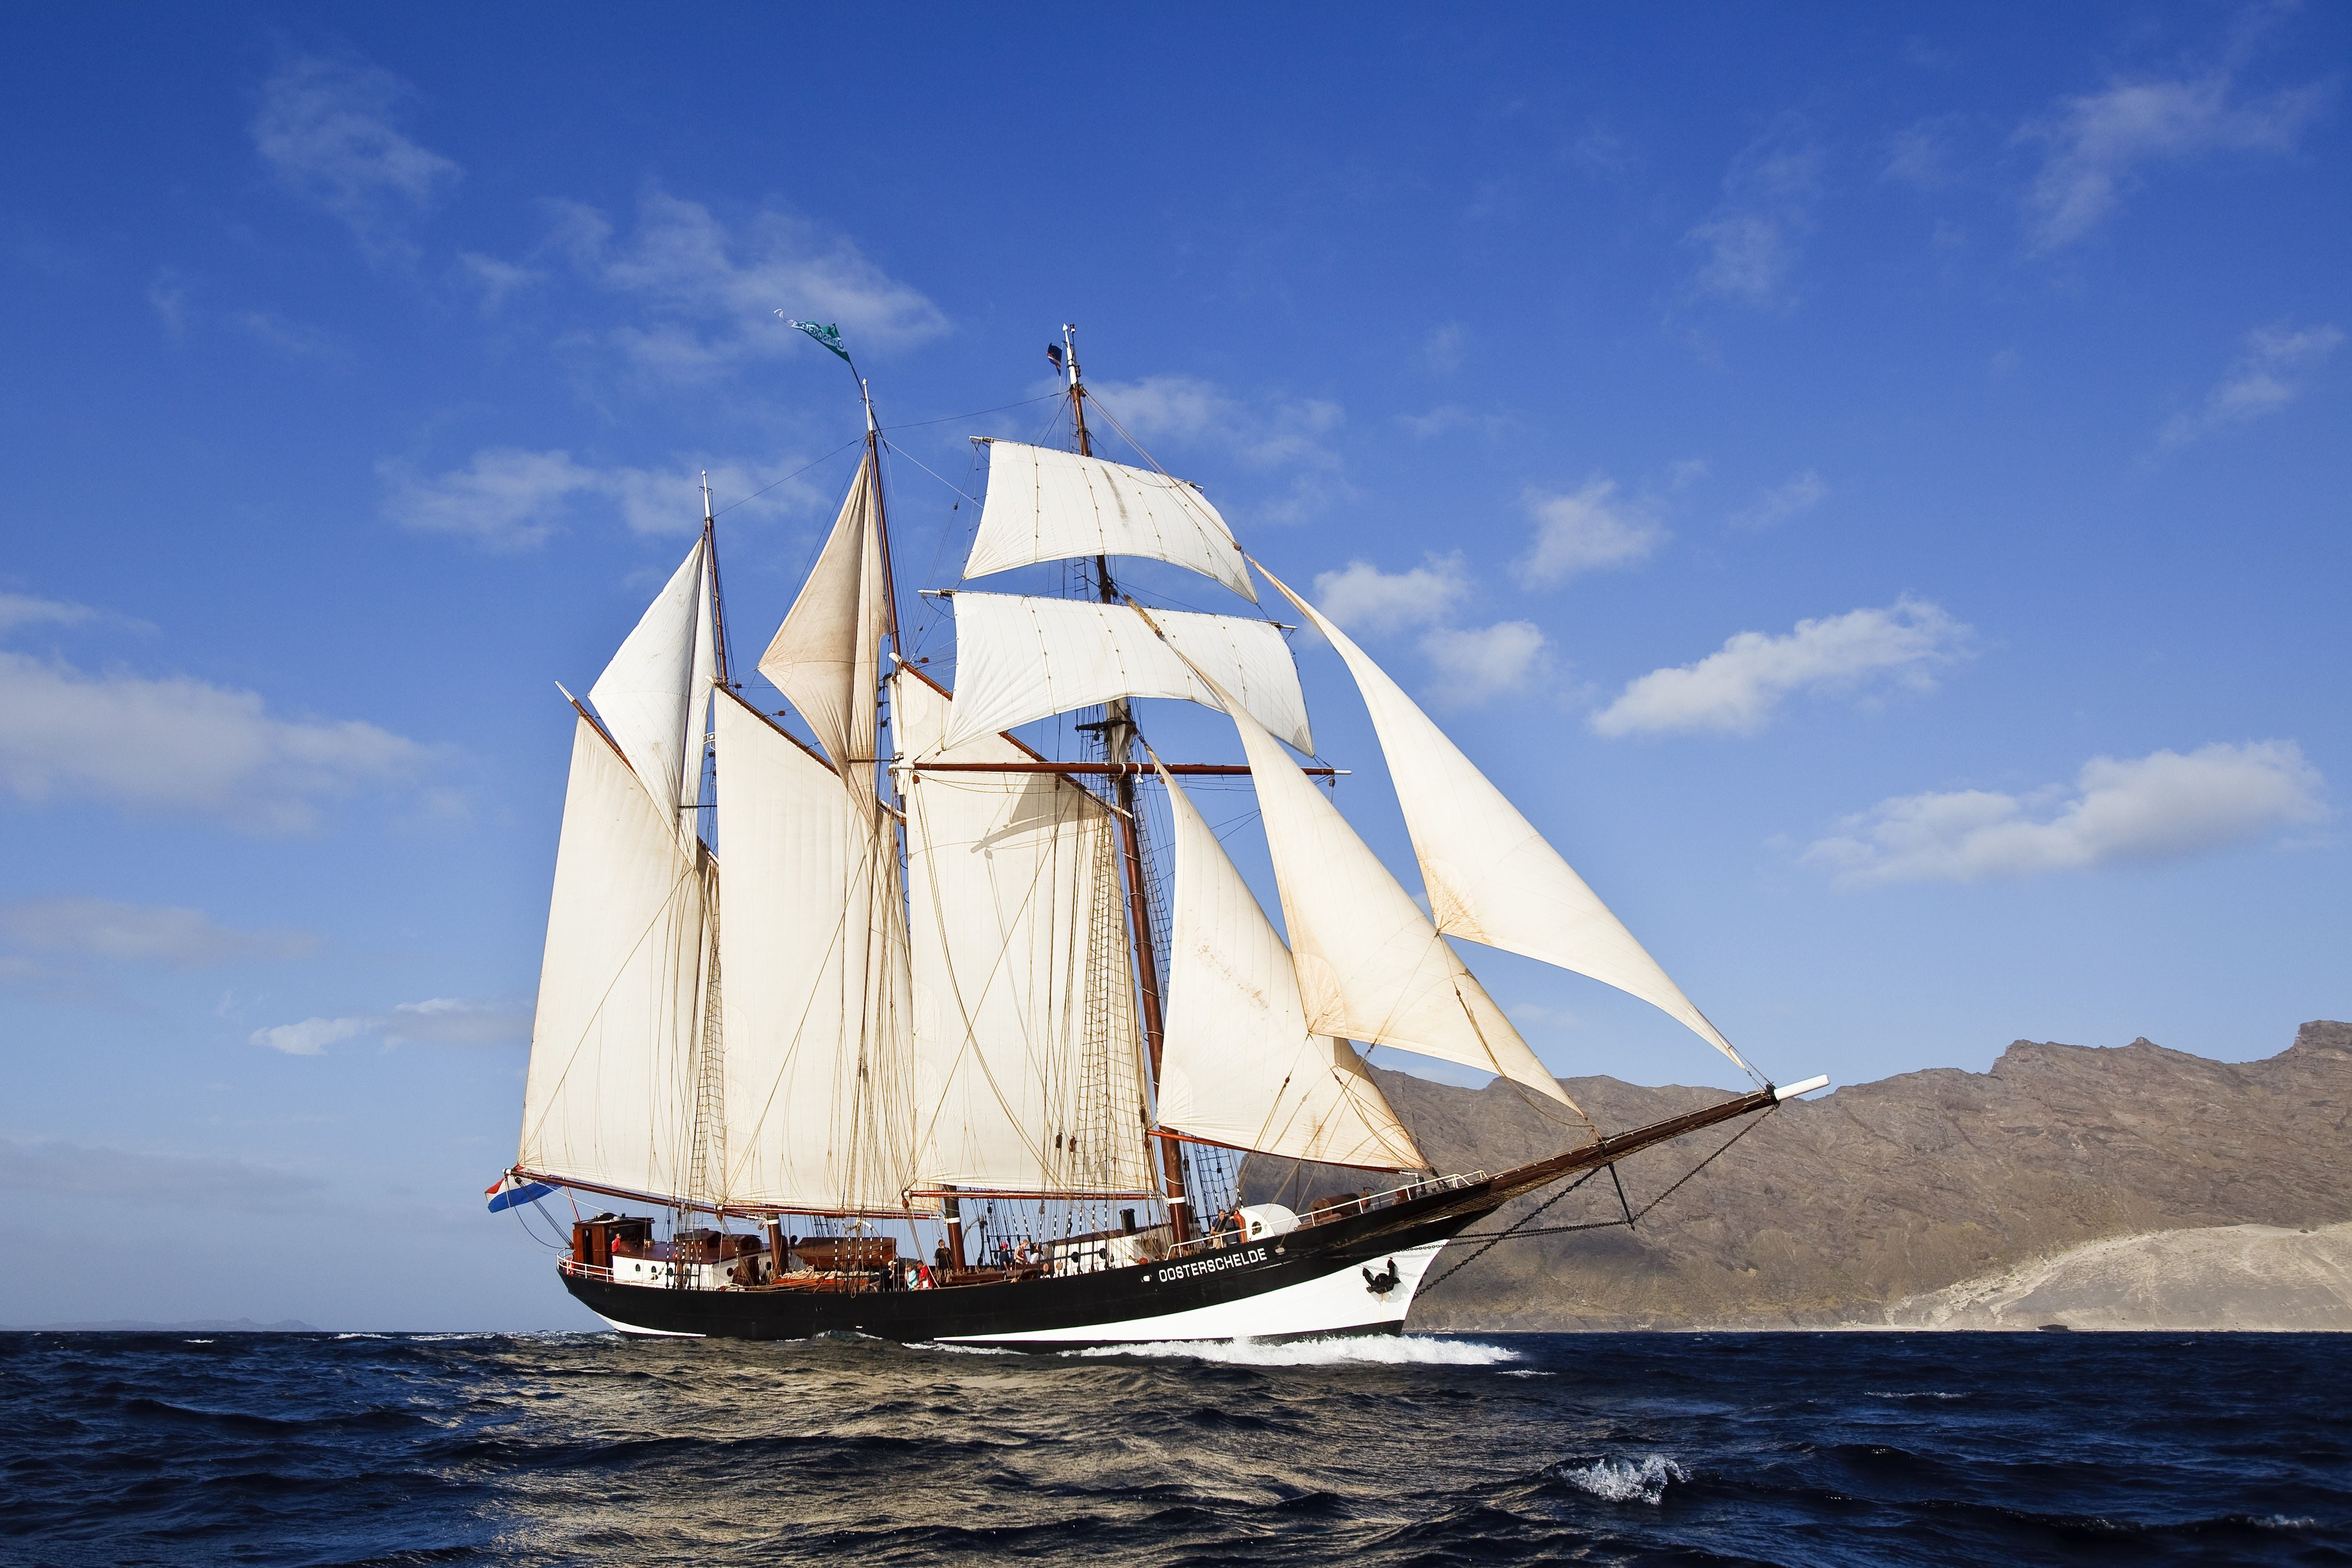 ! COMPLET ! Descente de Seine à bord du voilier OOSTERSCHELDE, 16 juin ! COMPLET !